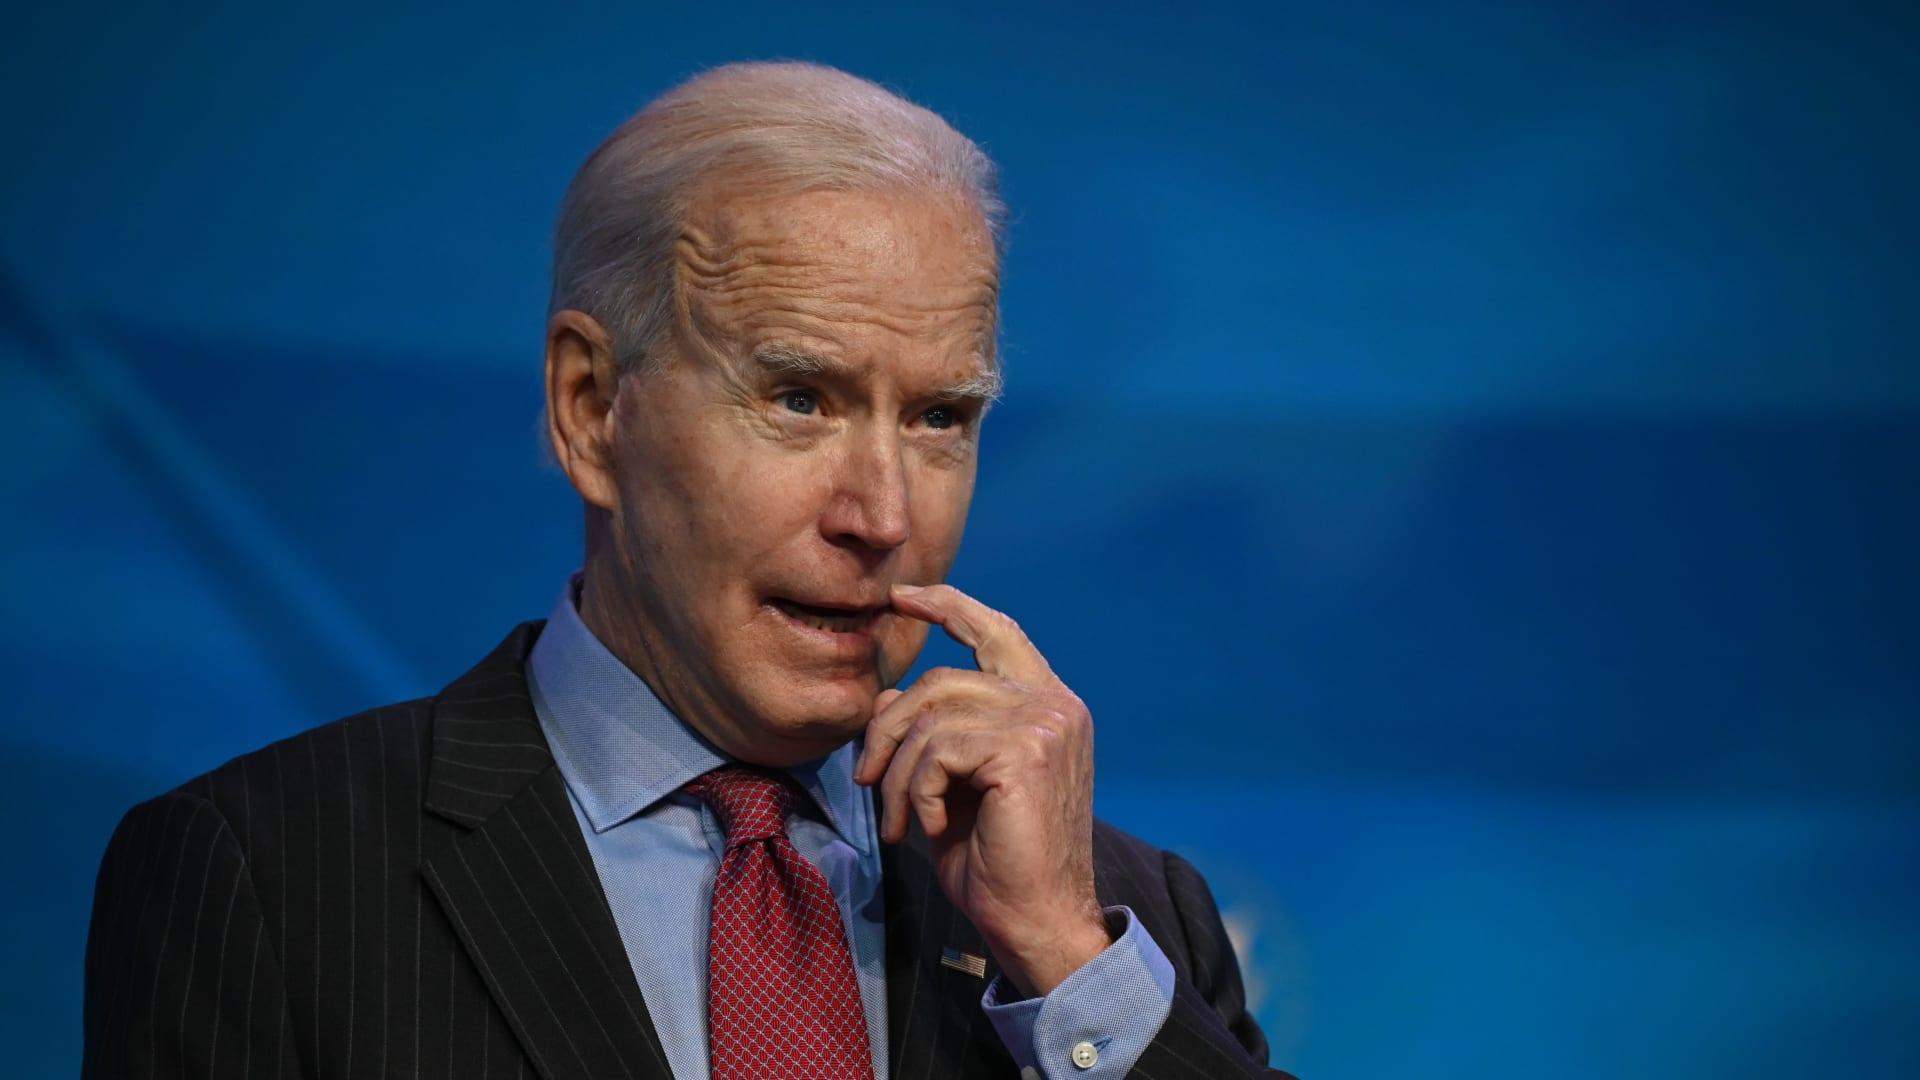 بعد الشغب والفوضى.. شاهد لحظة تصديق الكونغرس على فوز جو بايدن